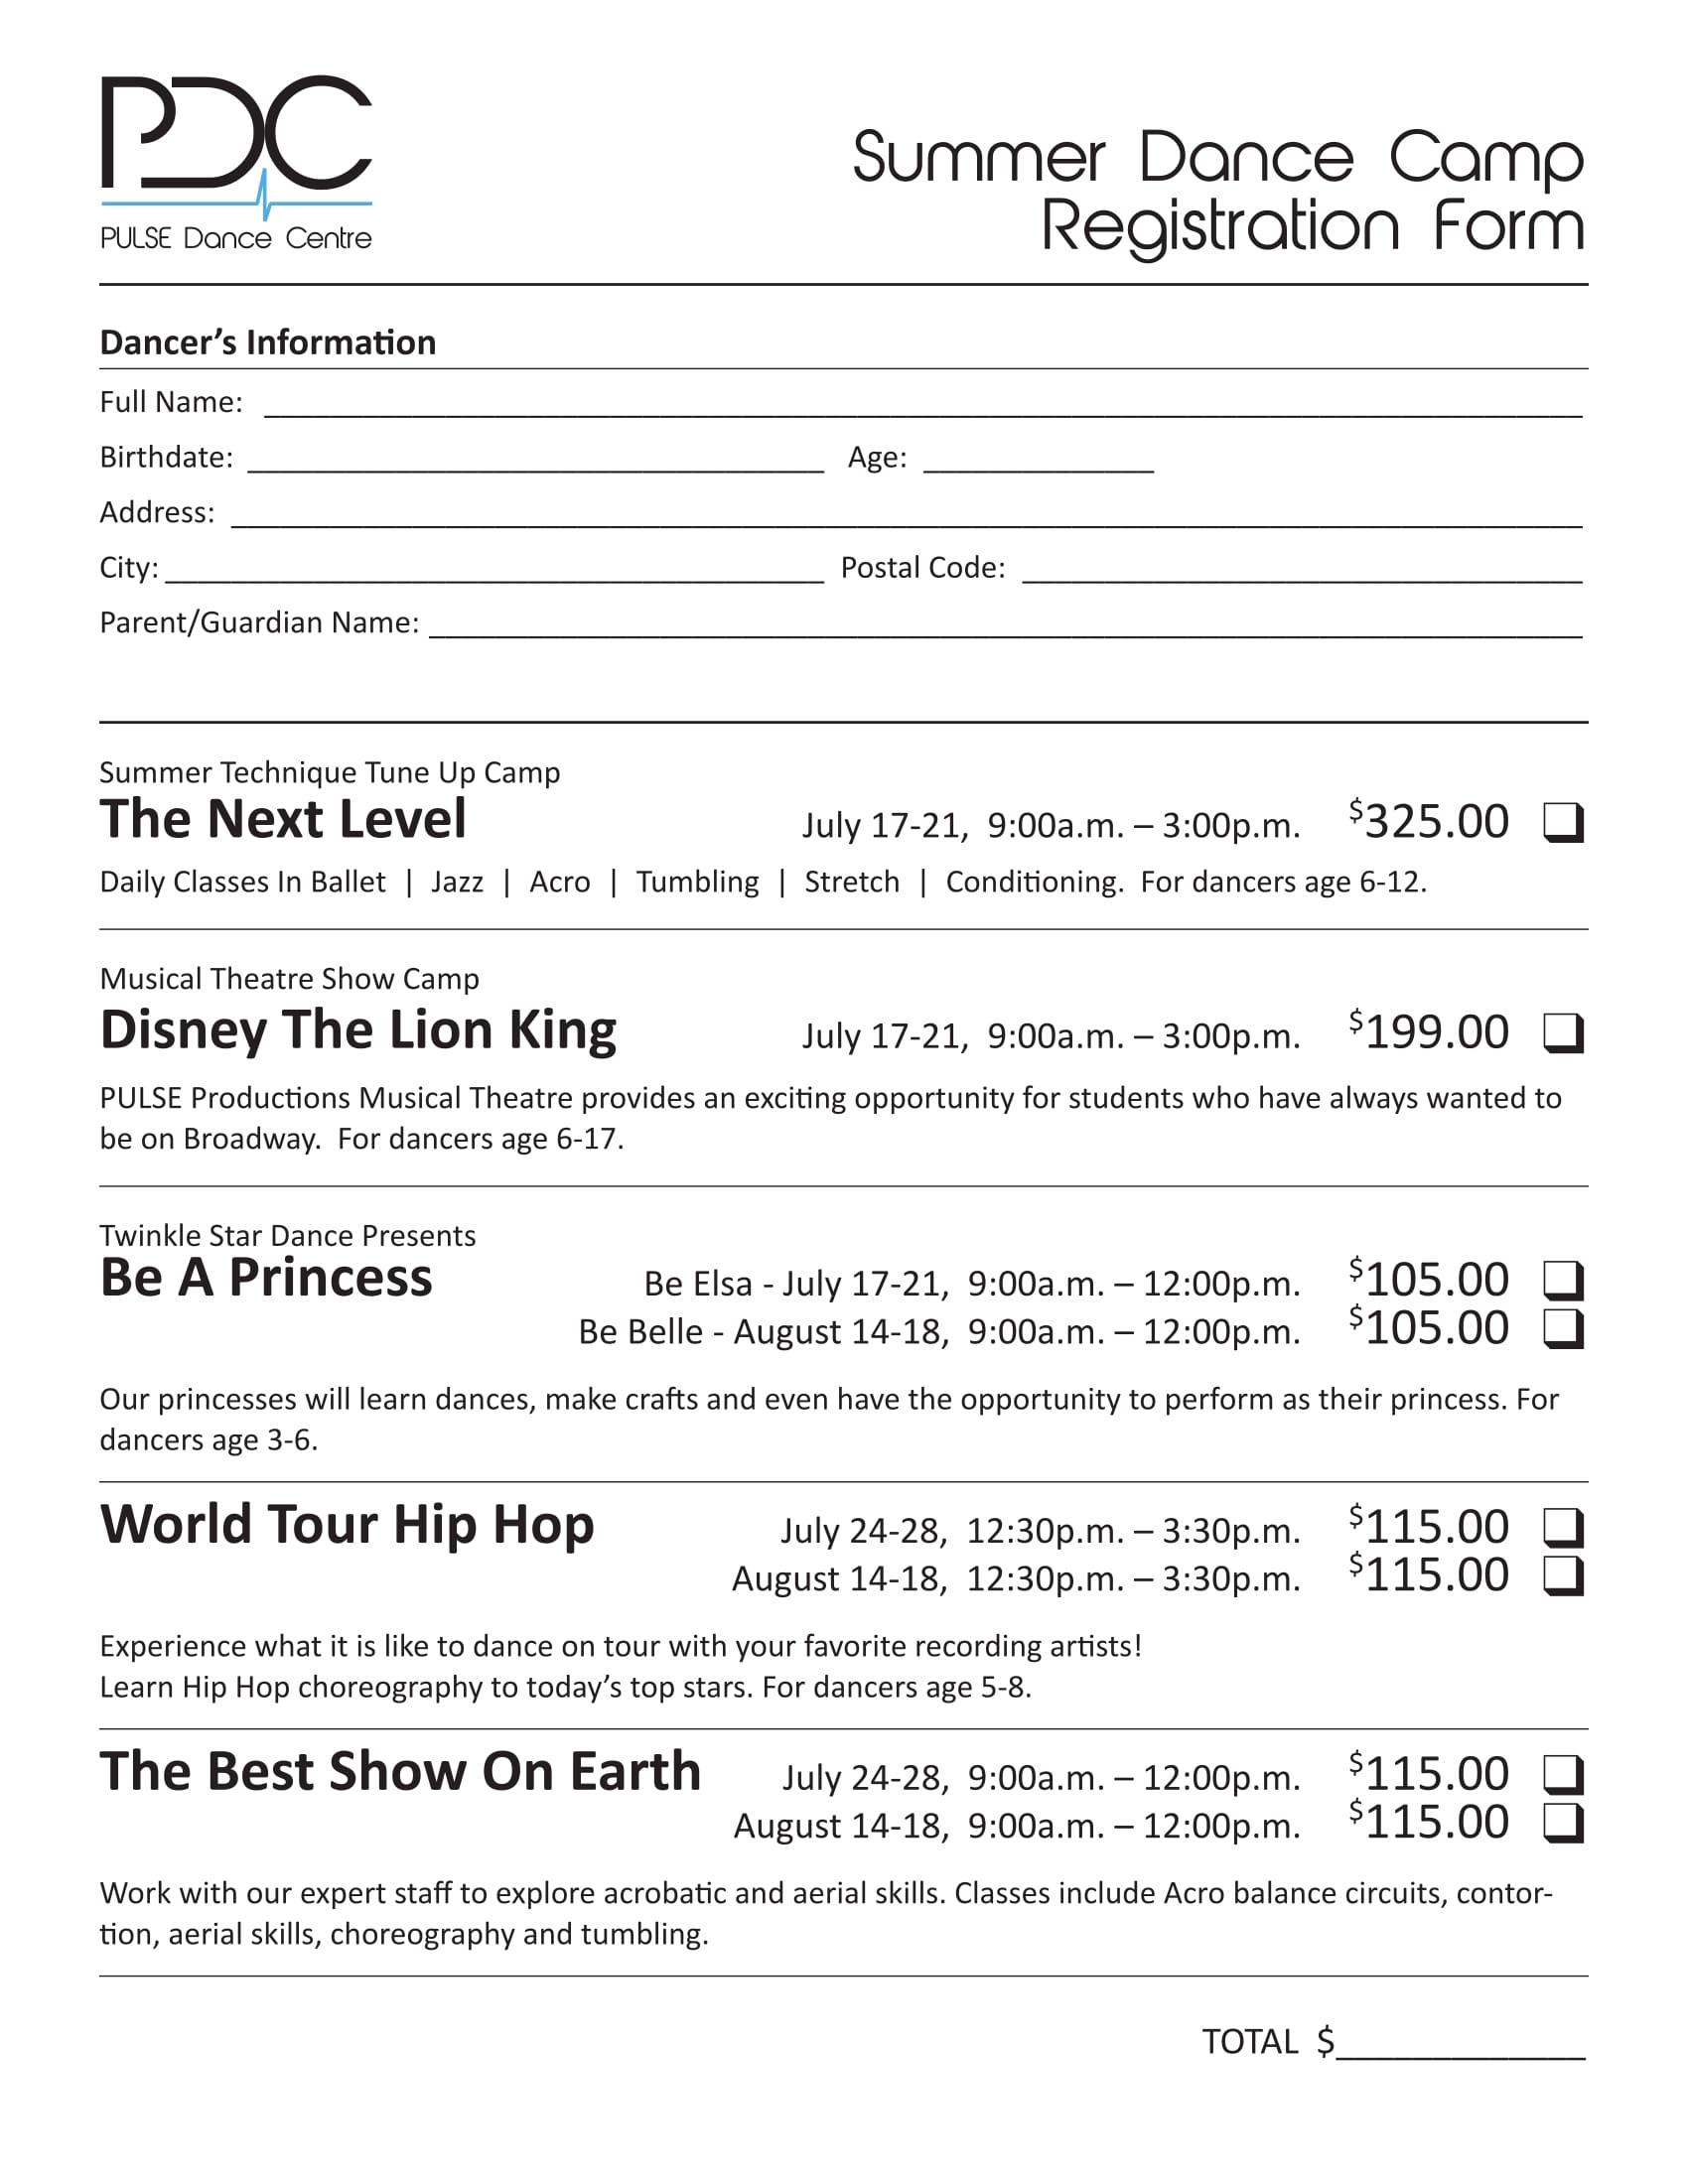 dance camp registration form 1